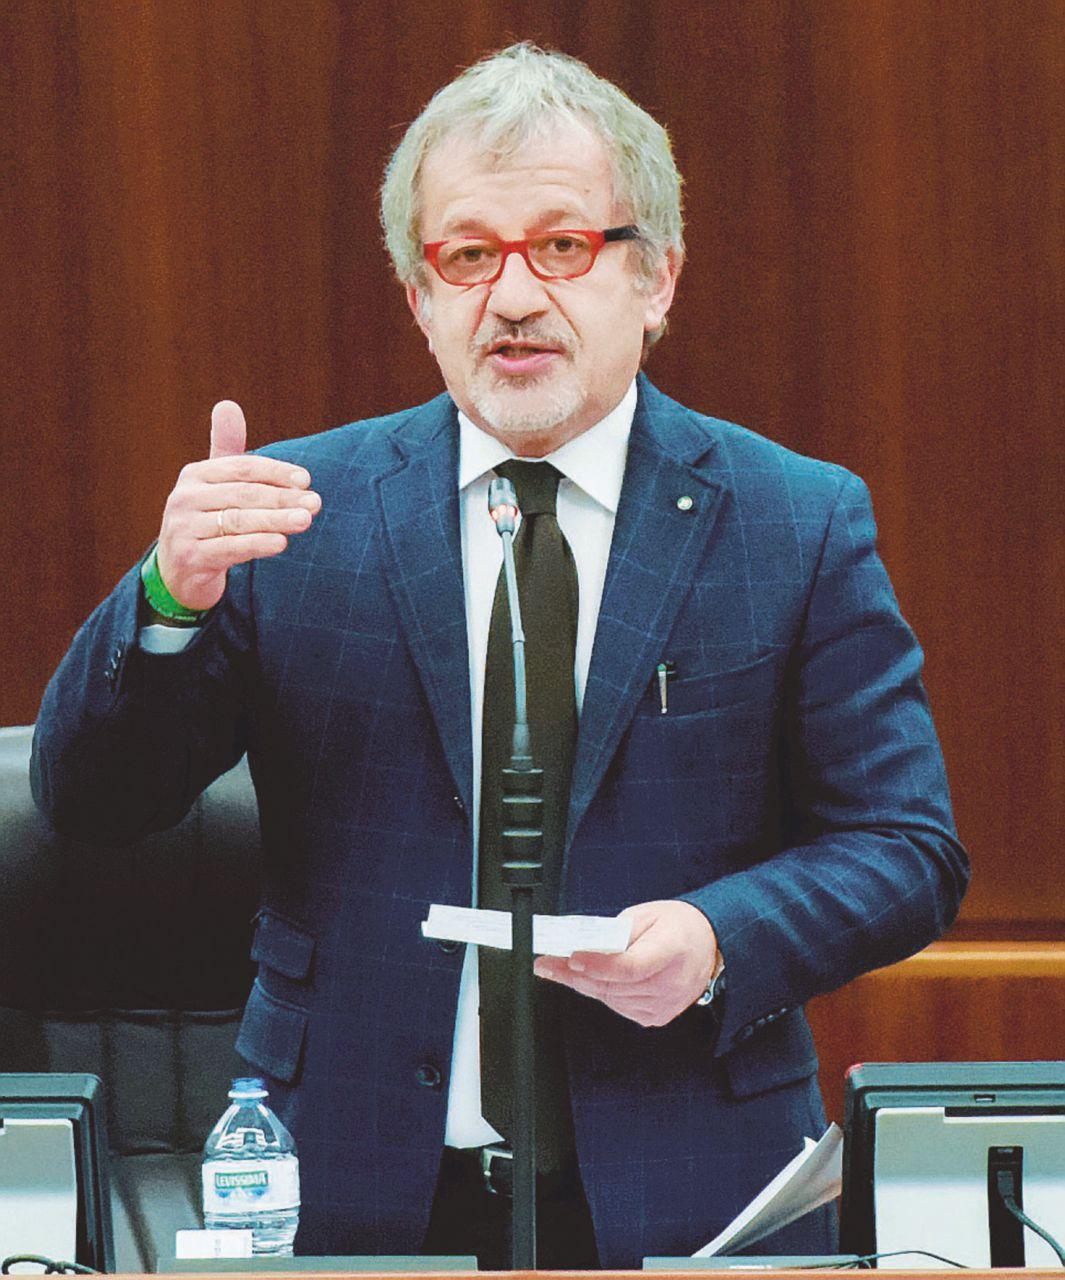 """Maroni: """"Il Sisde faceva dossier su partiti e politici"""""""